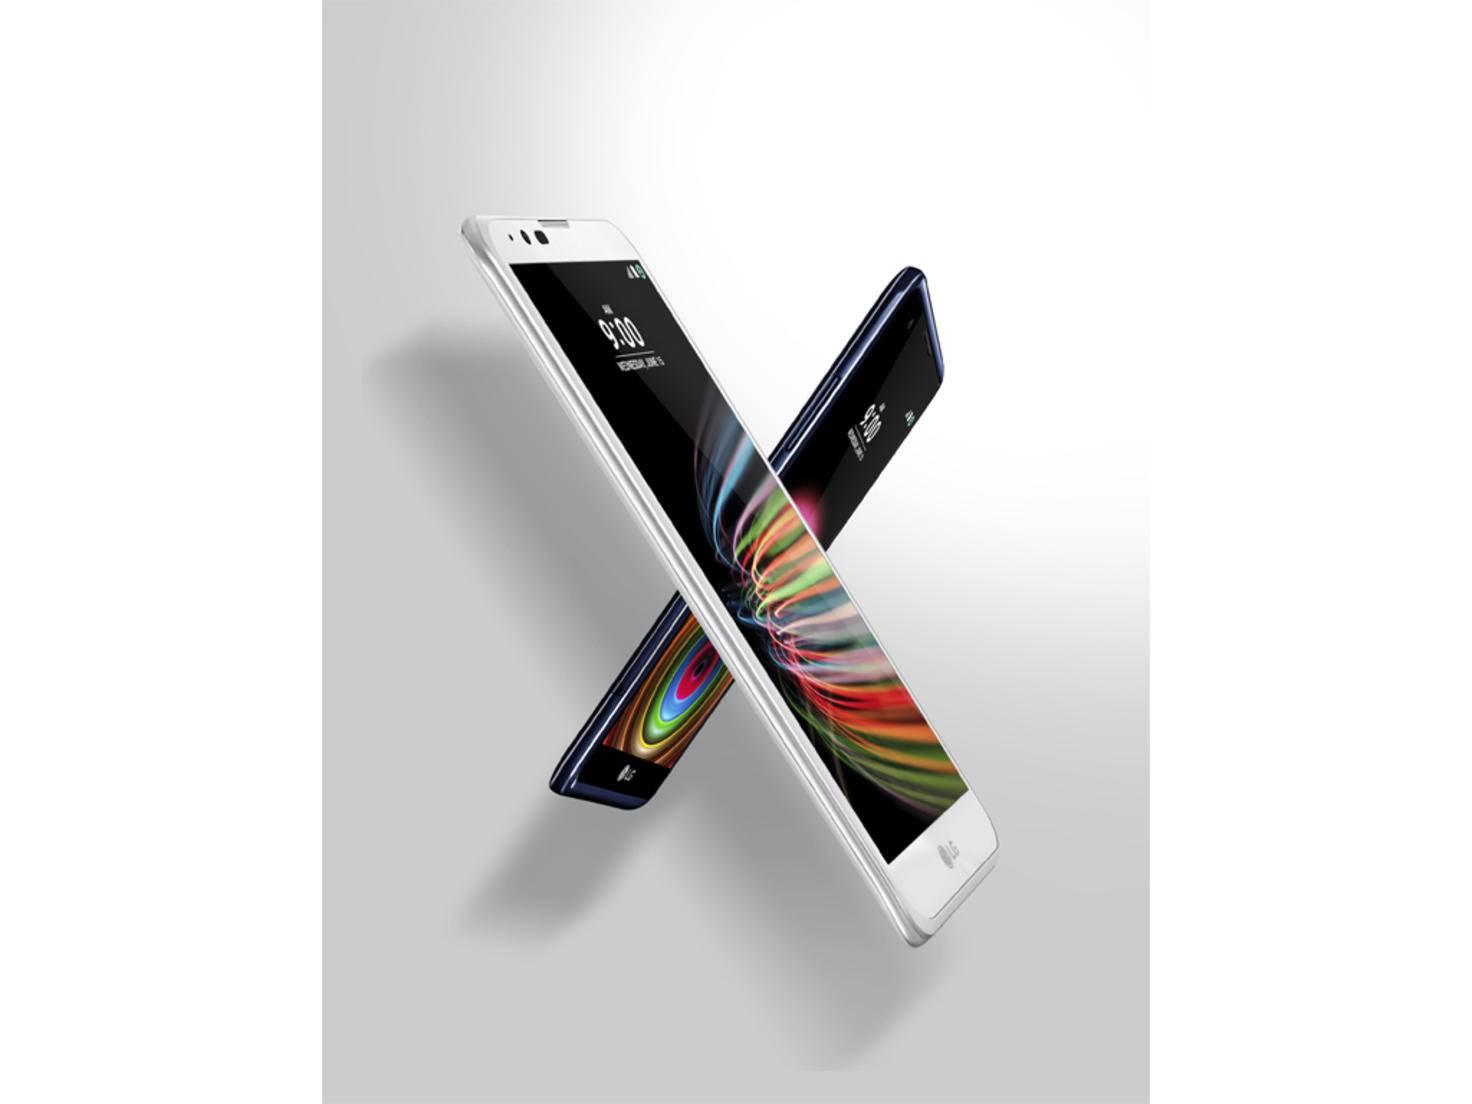 LG X power und LG X mach